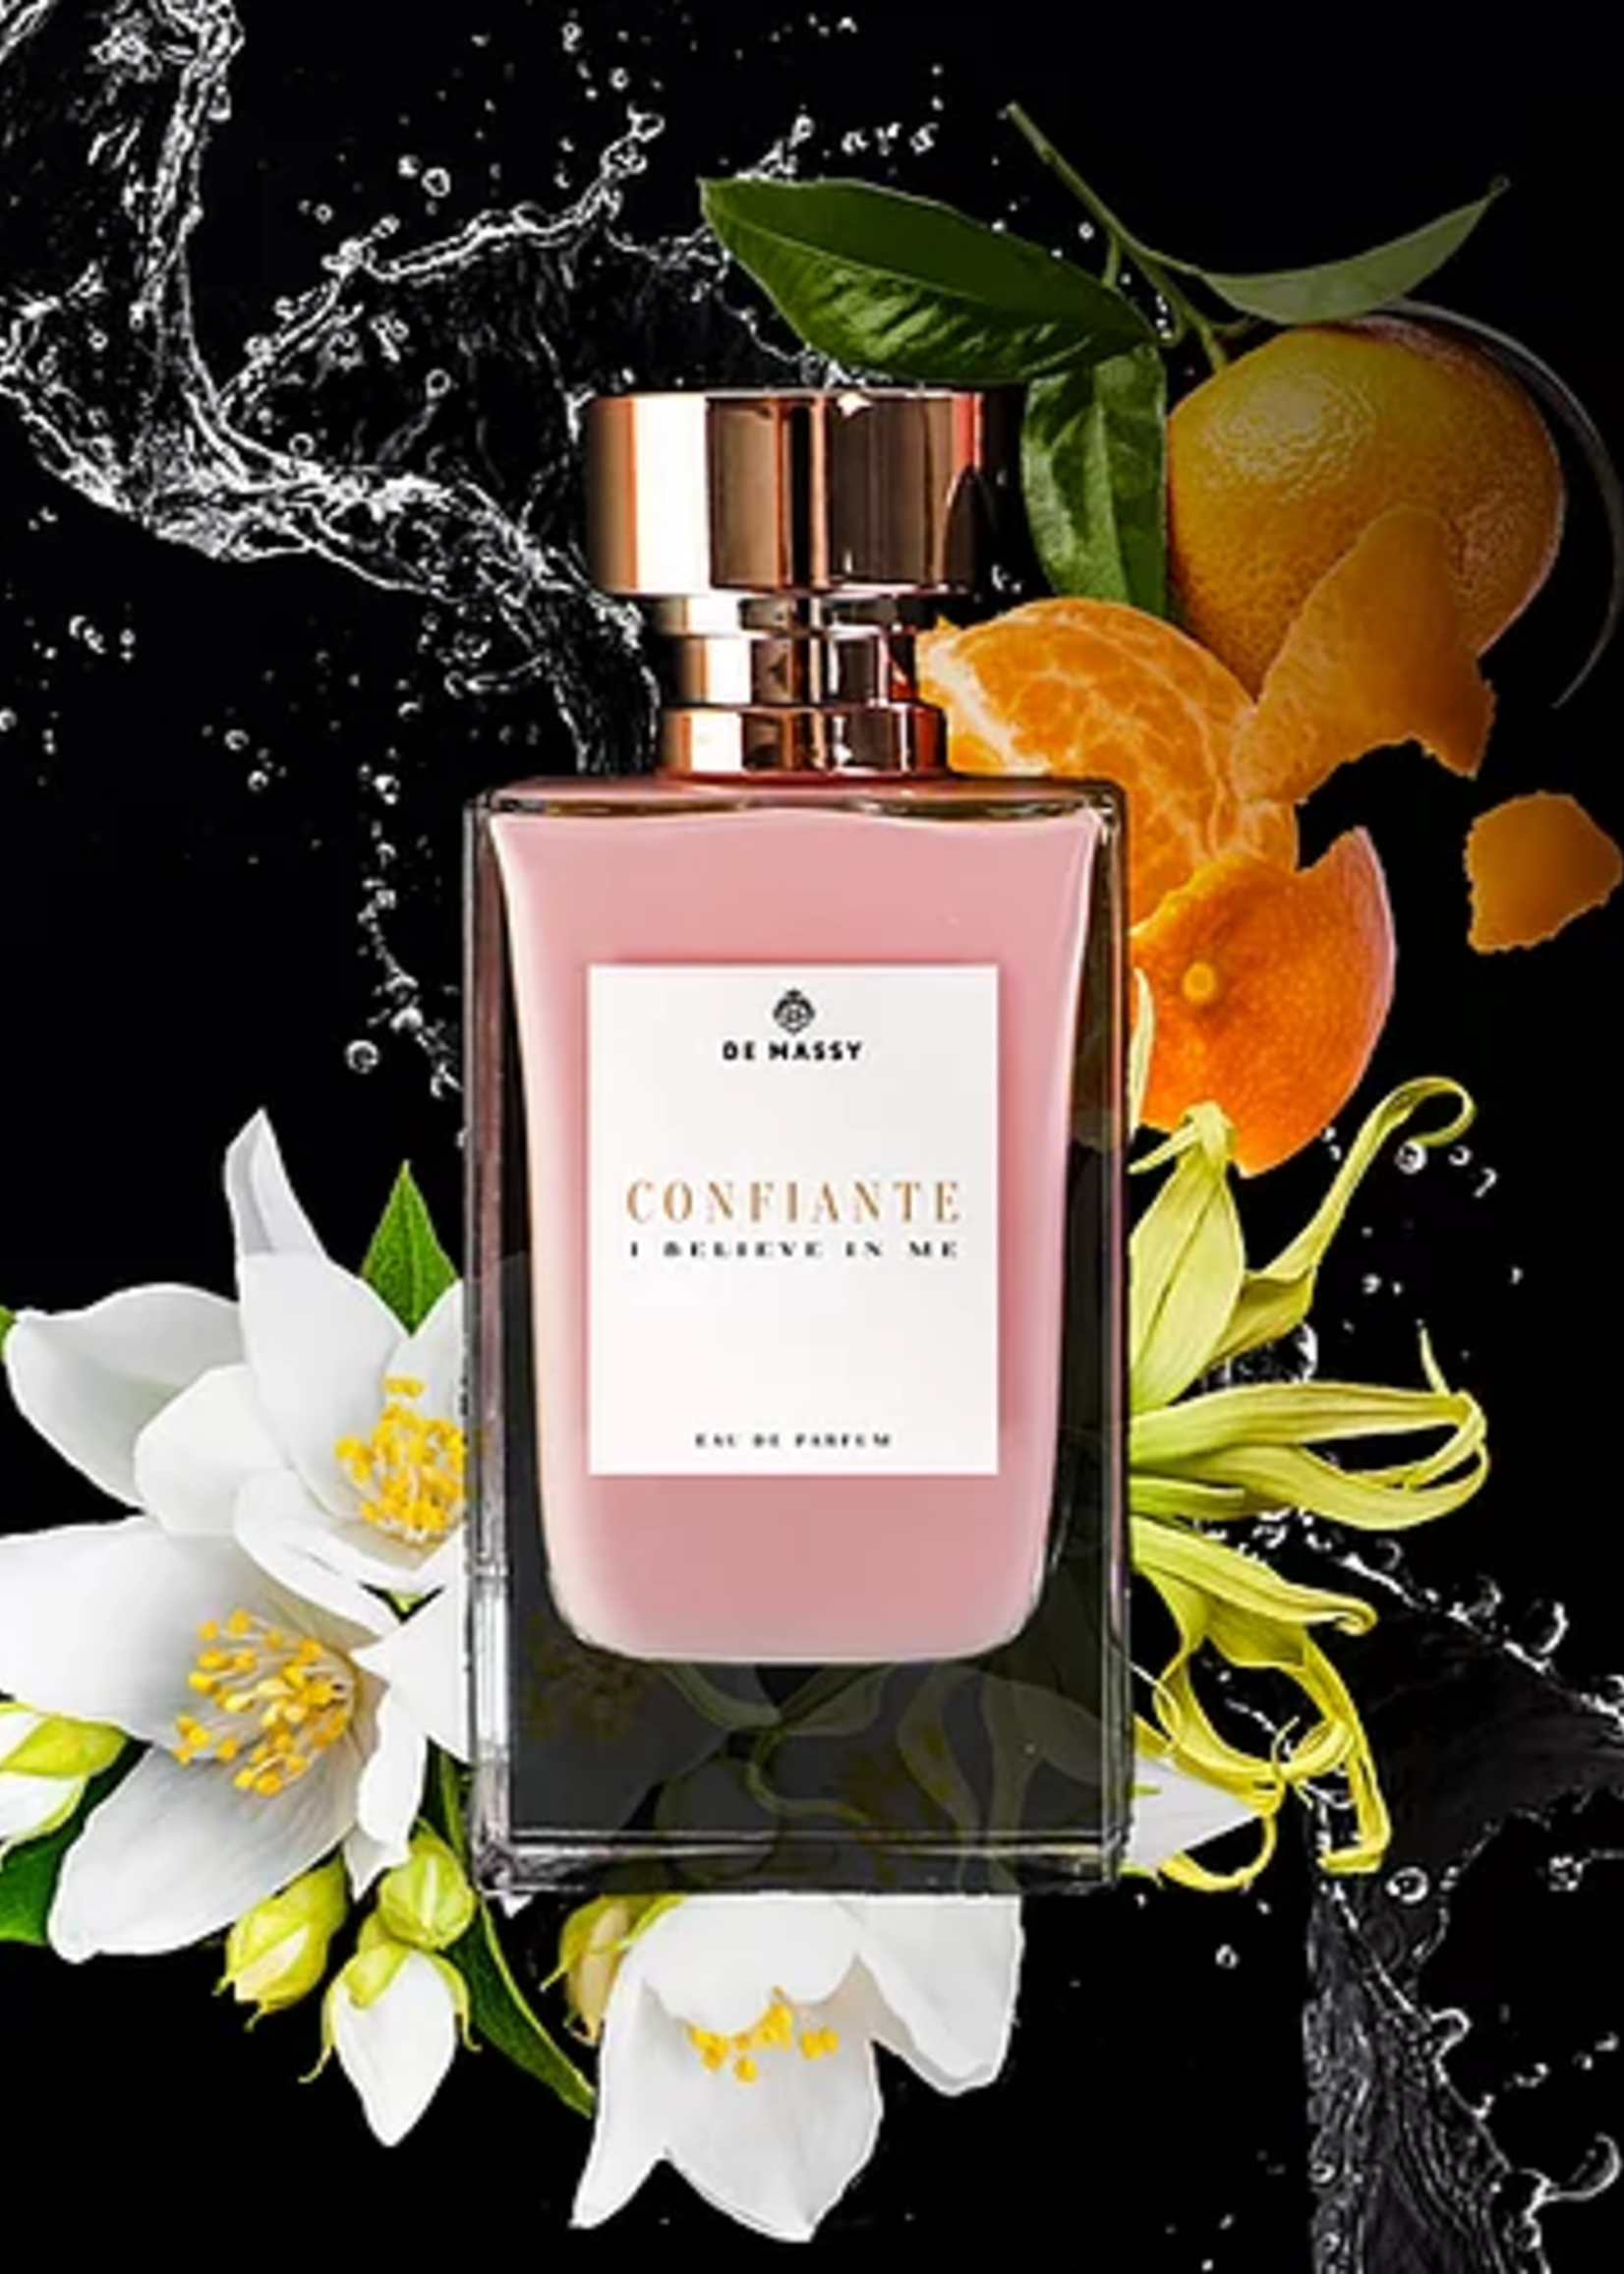 Collection de Massy I Believe in Me - Eau de Parfum